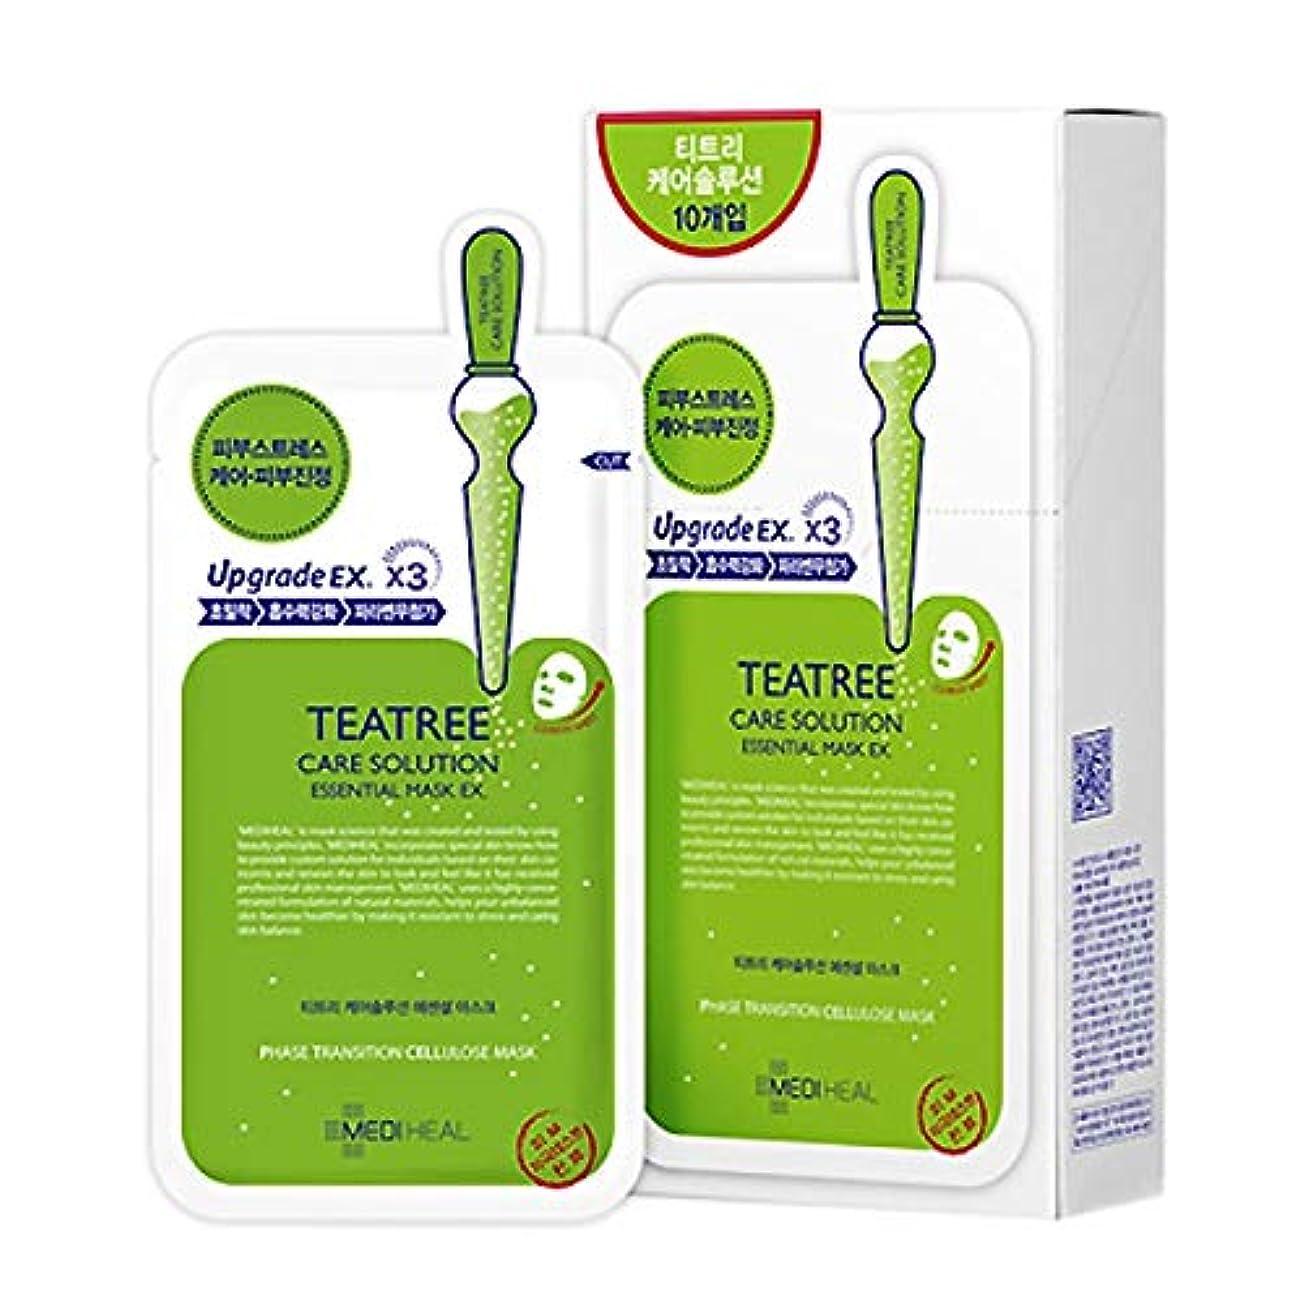 信頼性のある今まで大いにKorea Mediheal Teatree Healing Essential Mask Pack 1box 10sheet